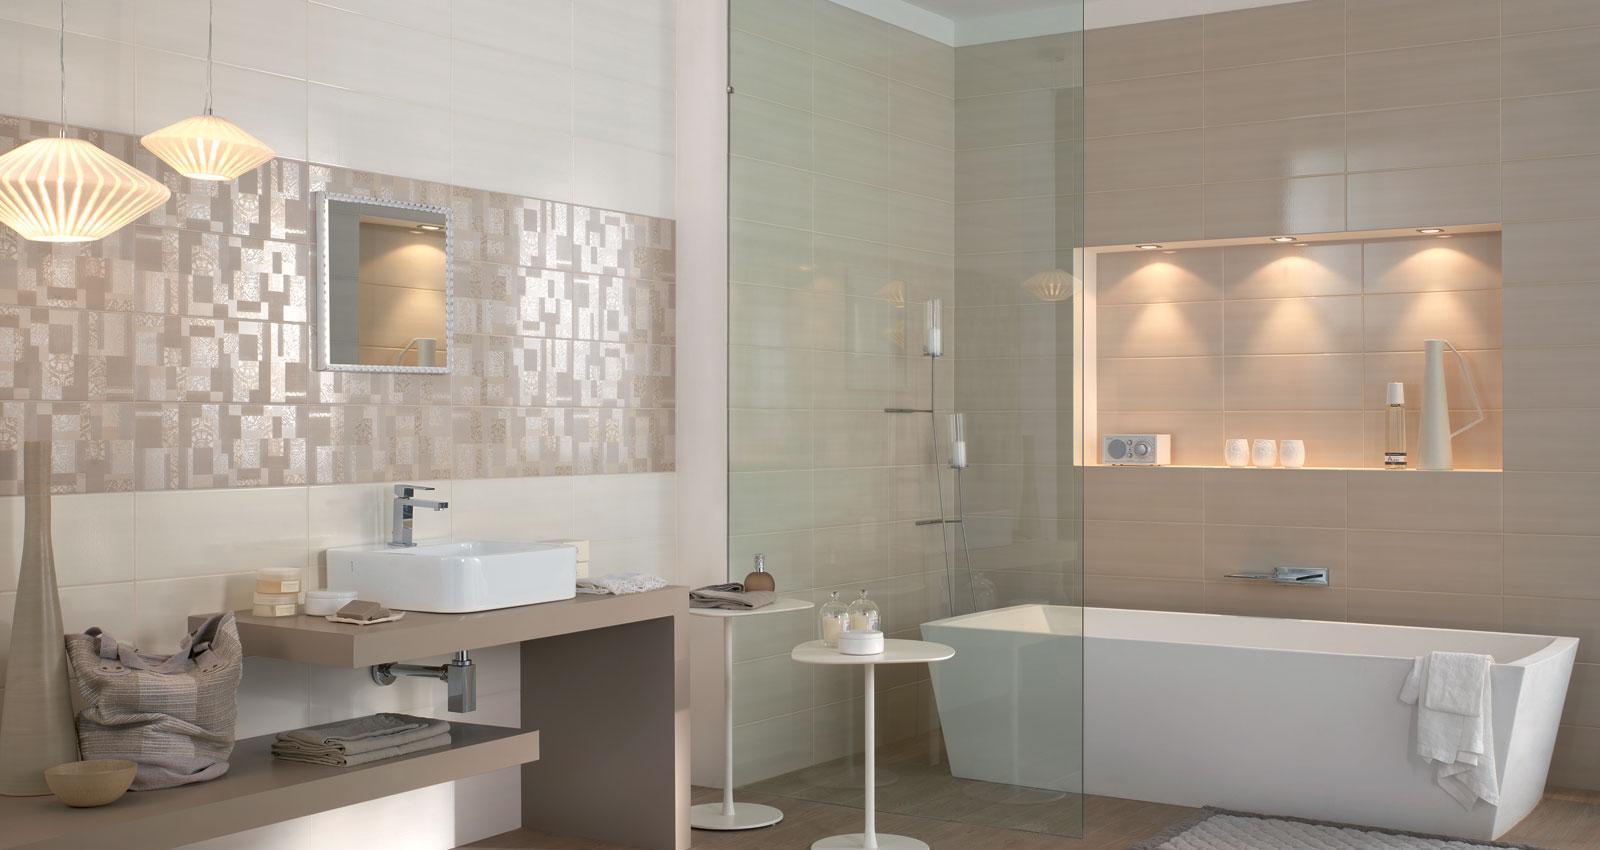 Nuance ceramiche per rivestimento bagno marazzi - Rivestimenti piastrelle bagno ...